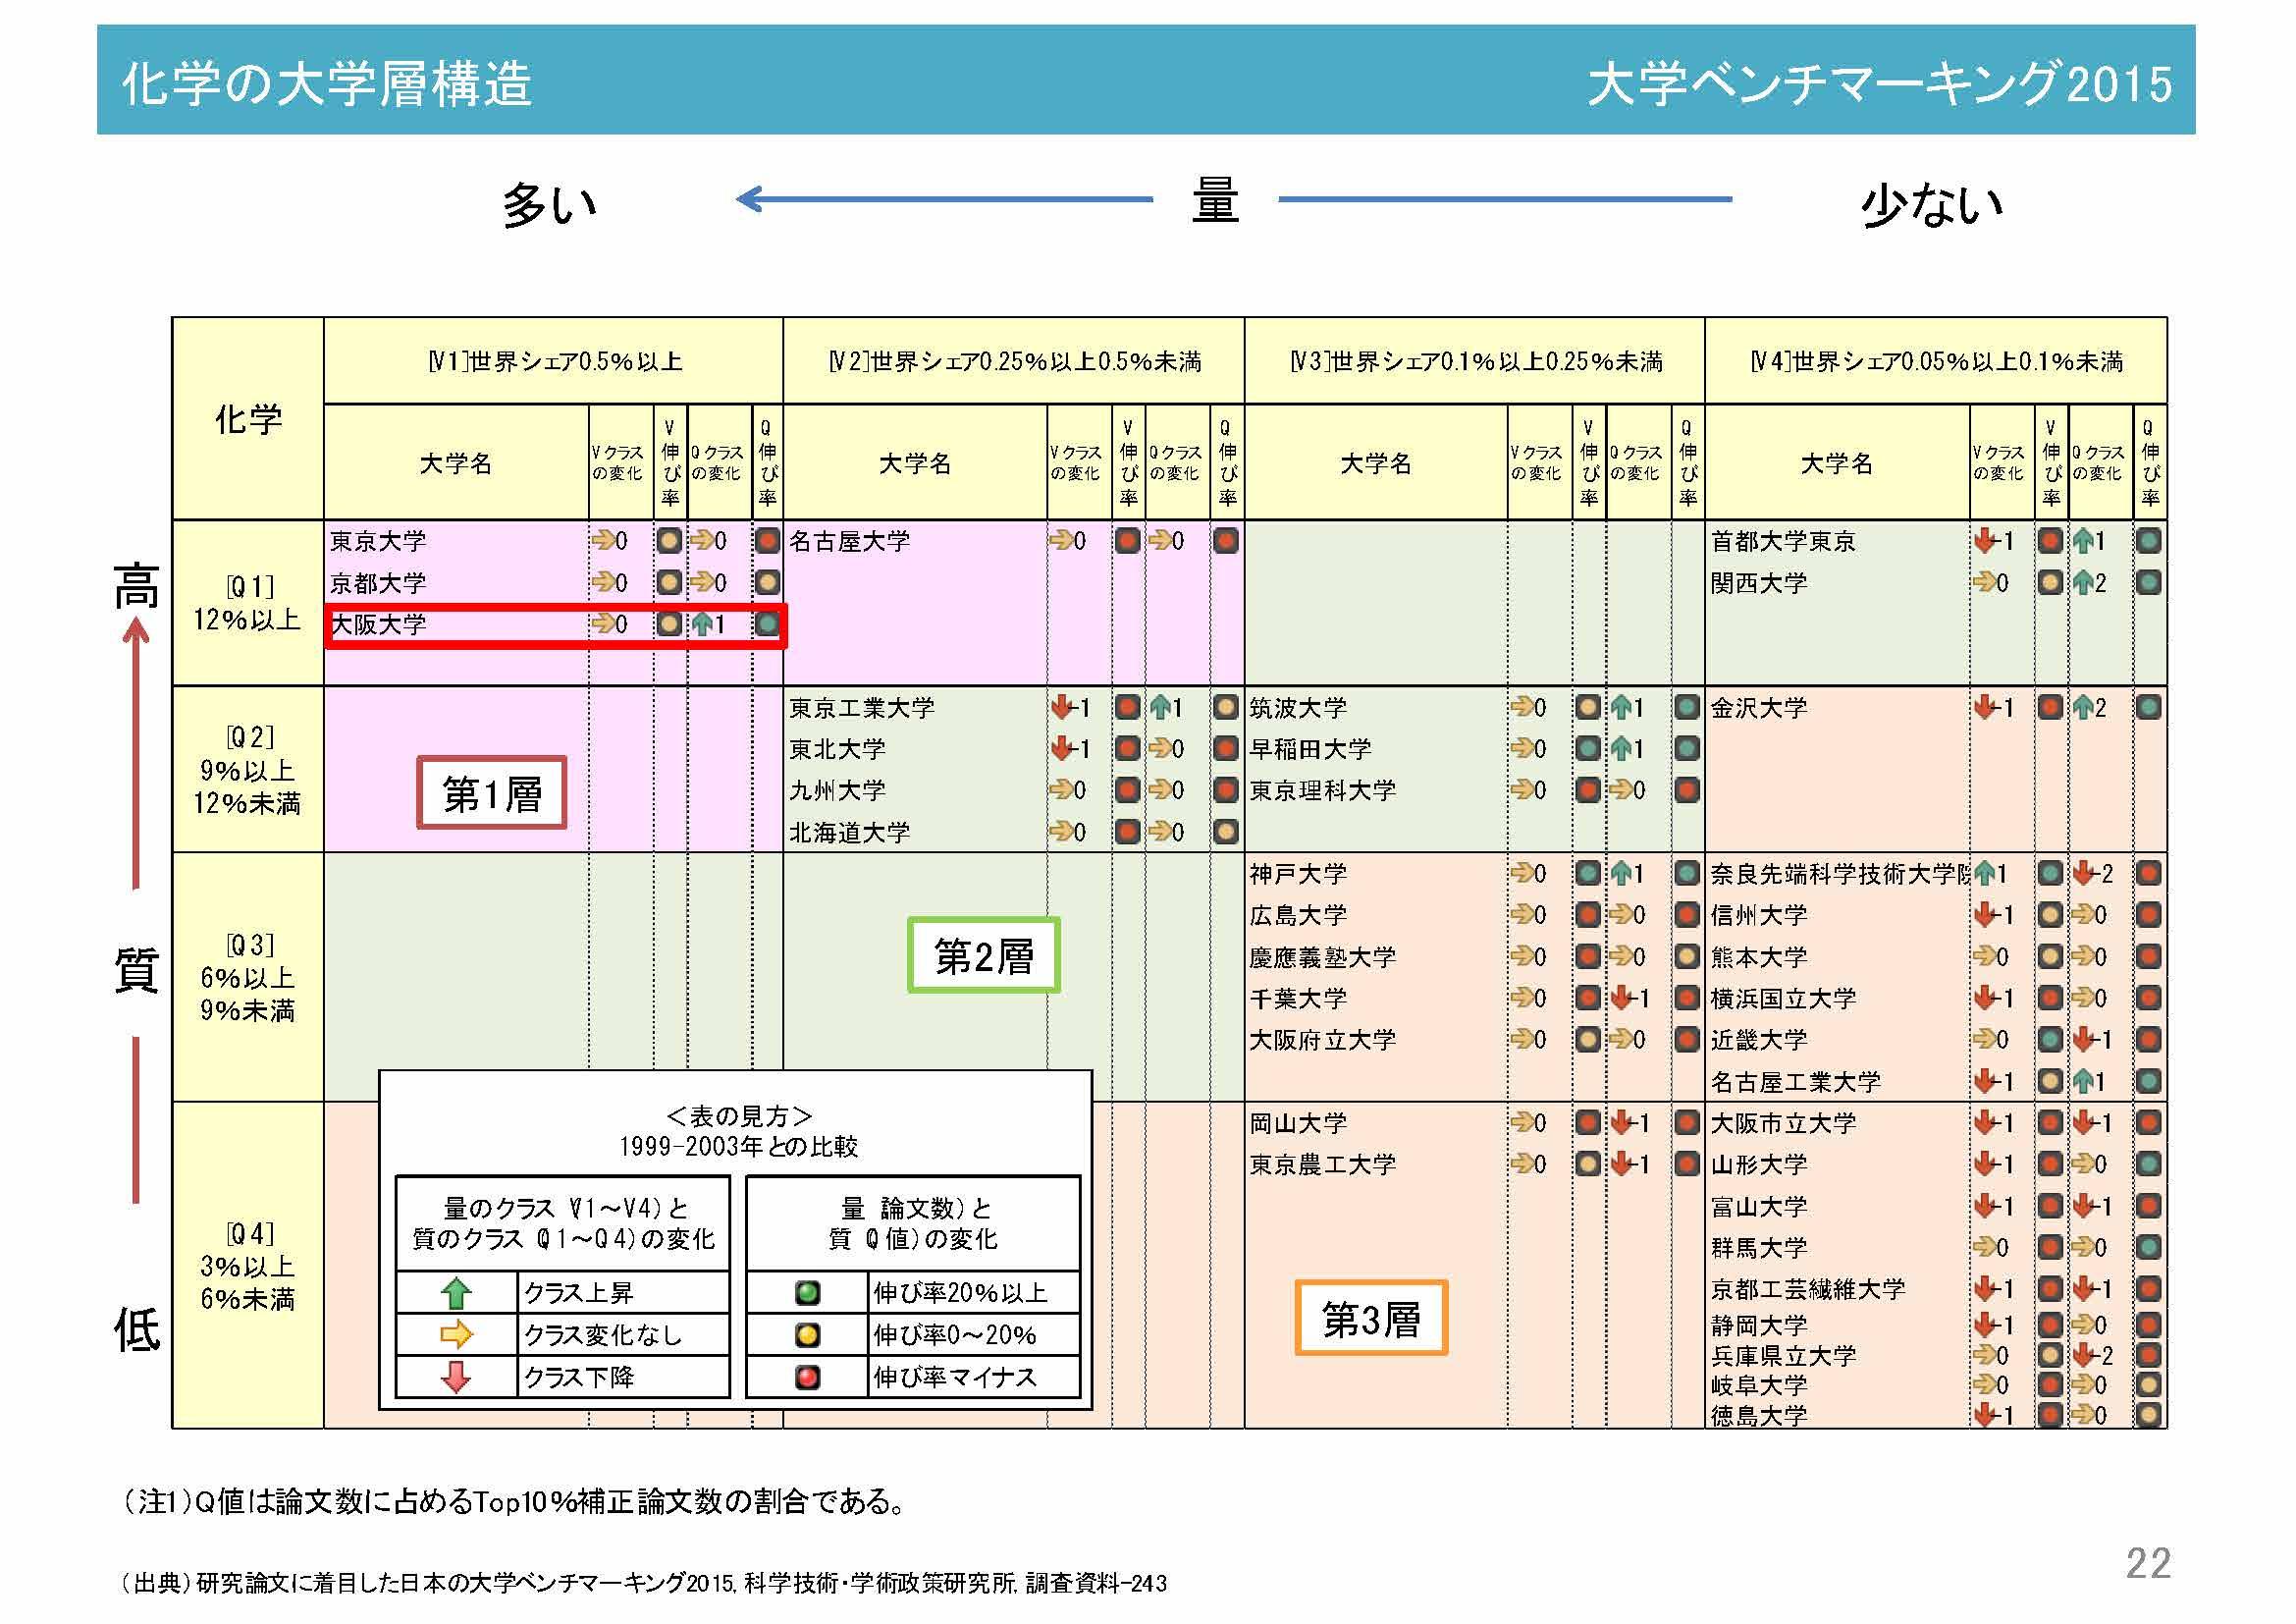 阪氏講演資料19